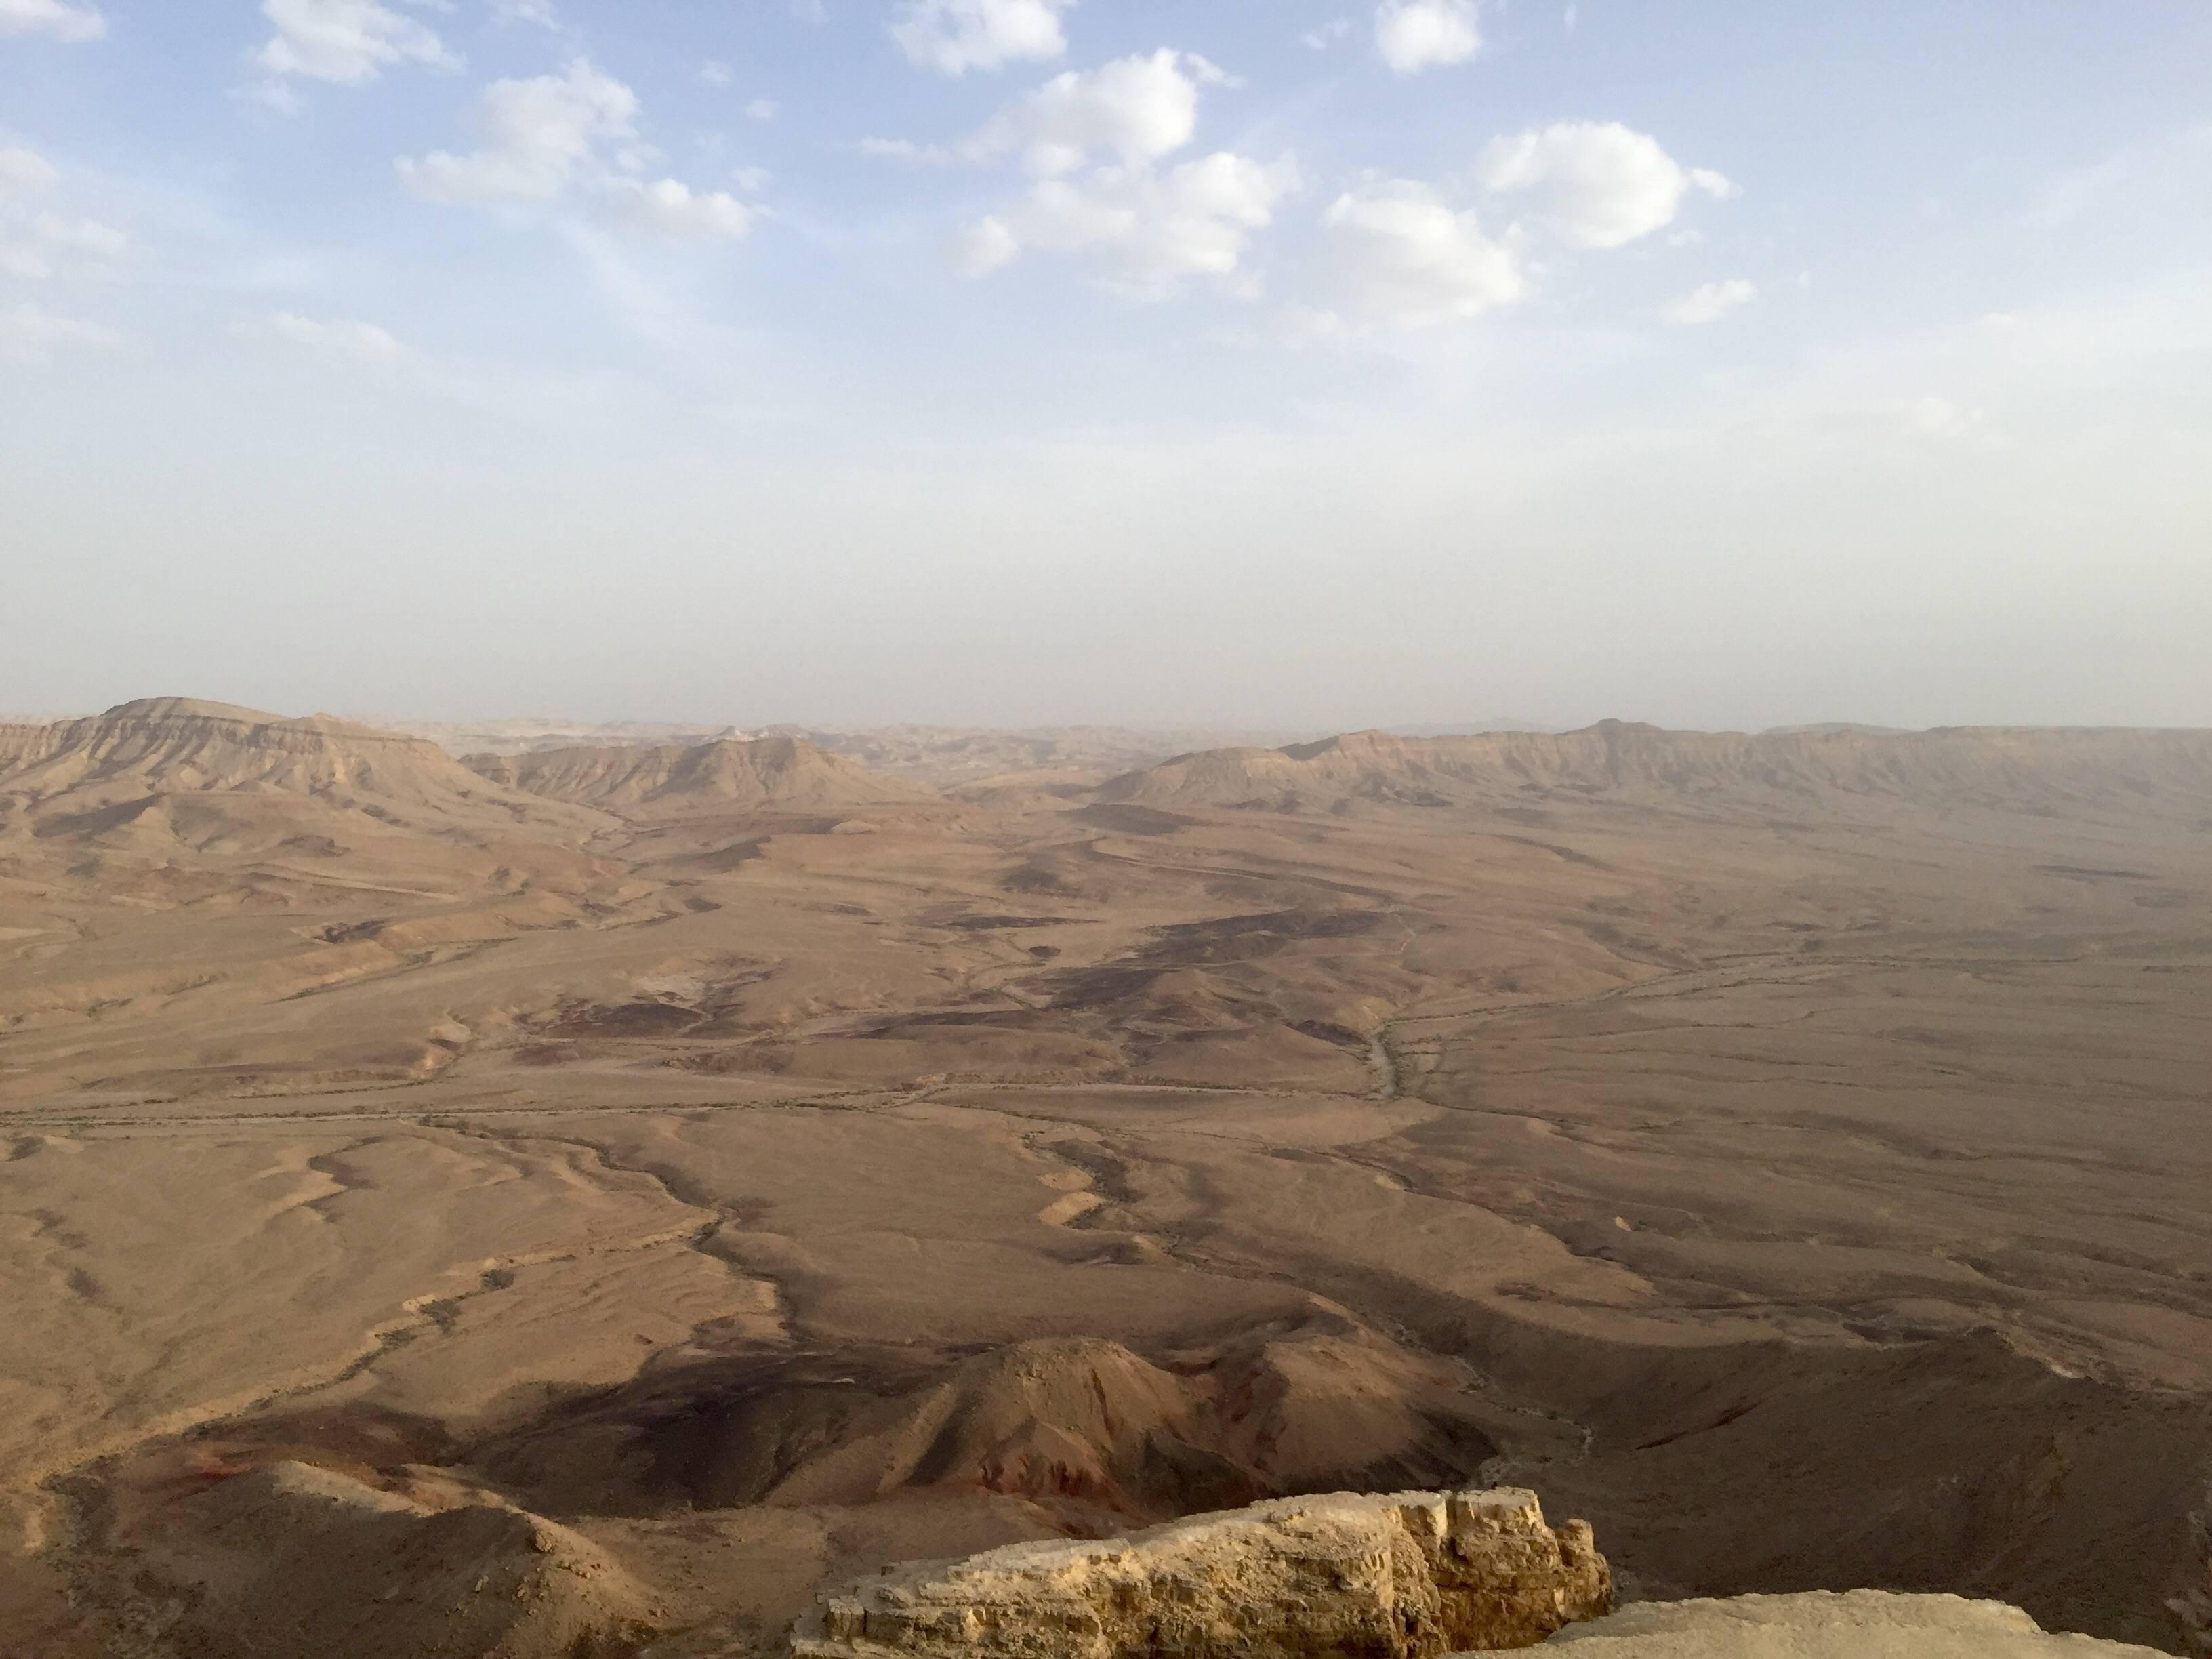 Photo 2: Au cœur du désert du Neguev, en Israel